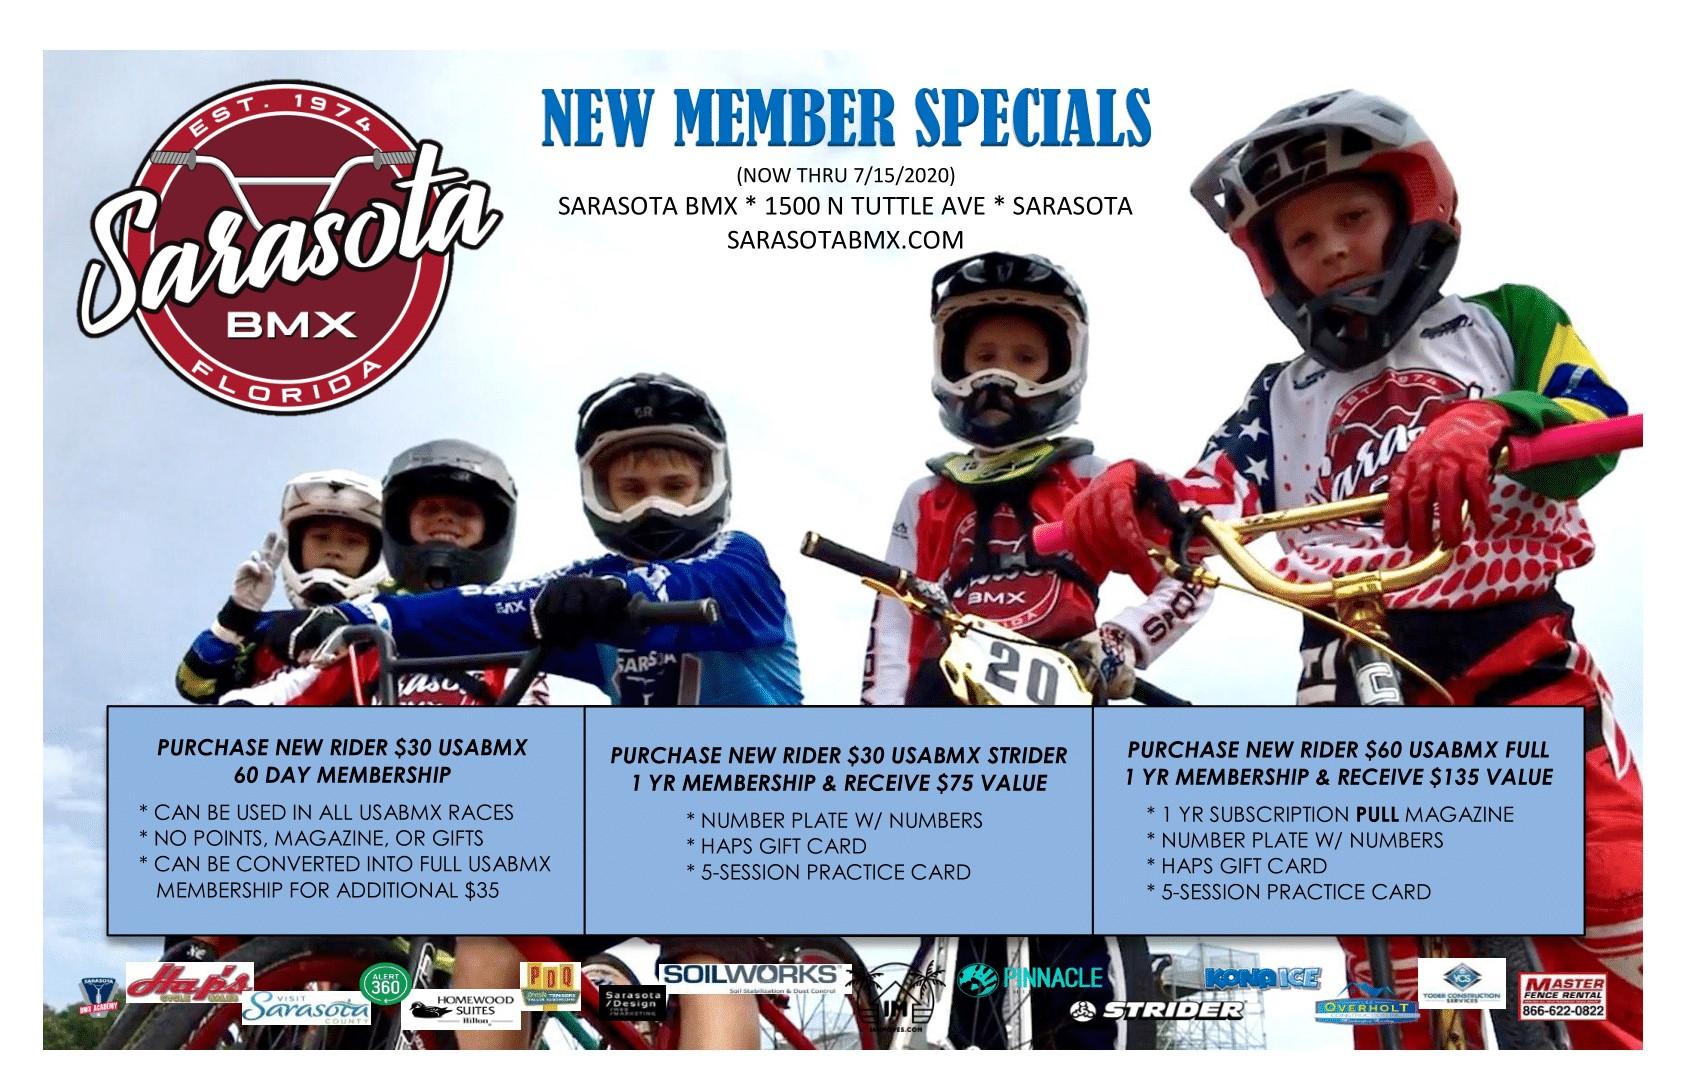 New Rider Specials!